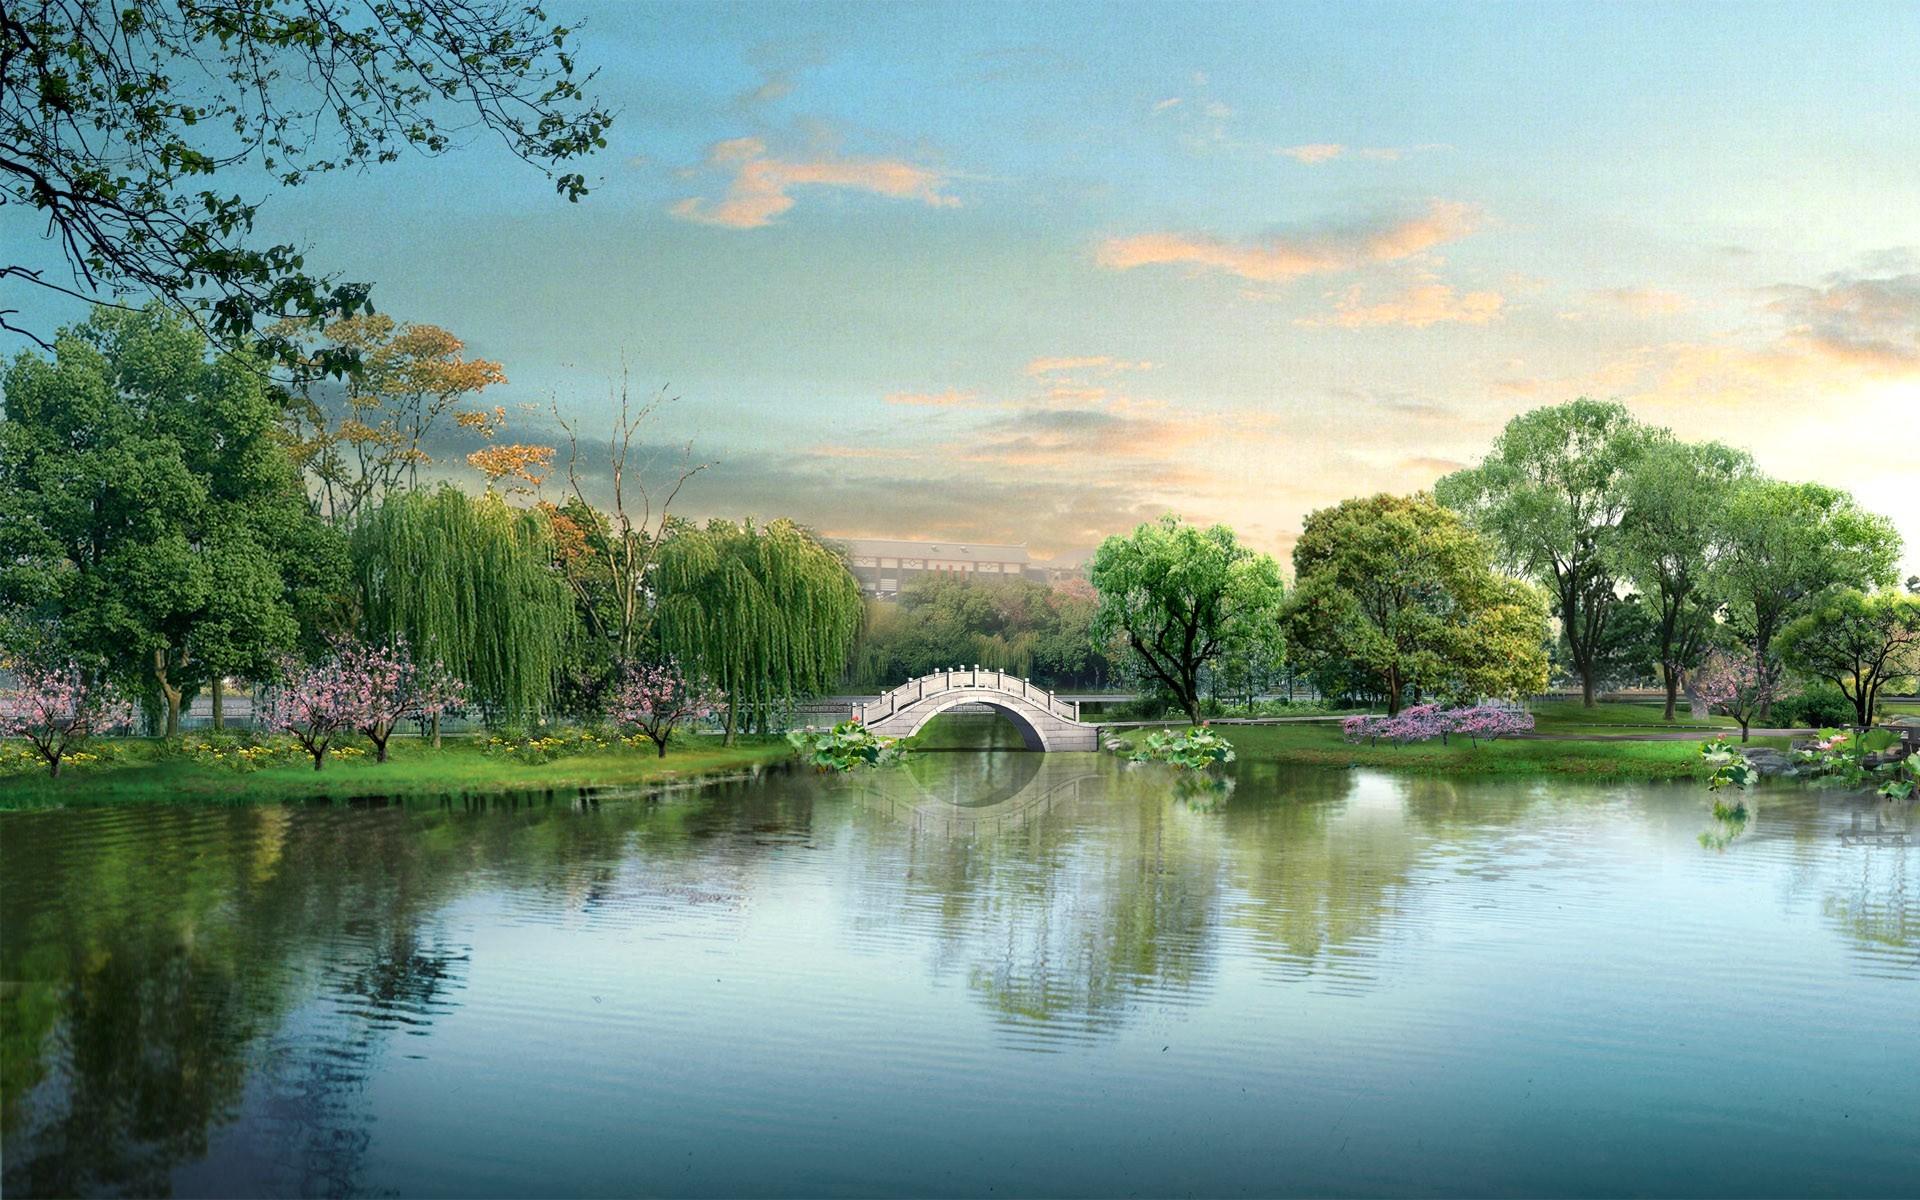 japanese landscape wallpaper (62+ images)